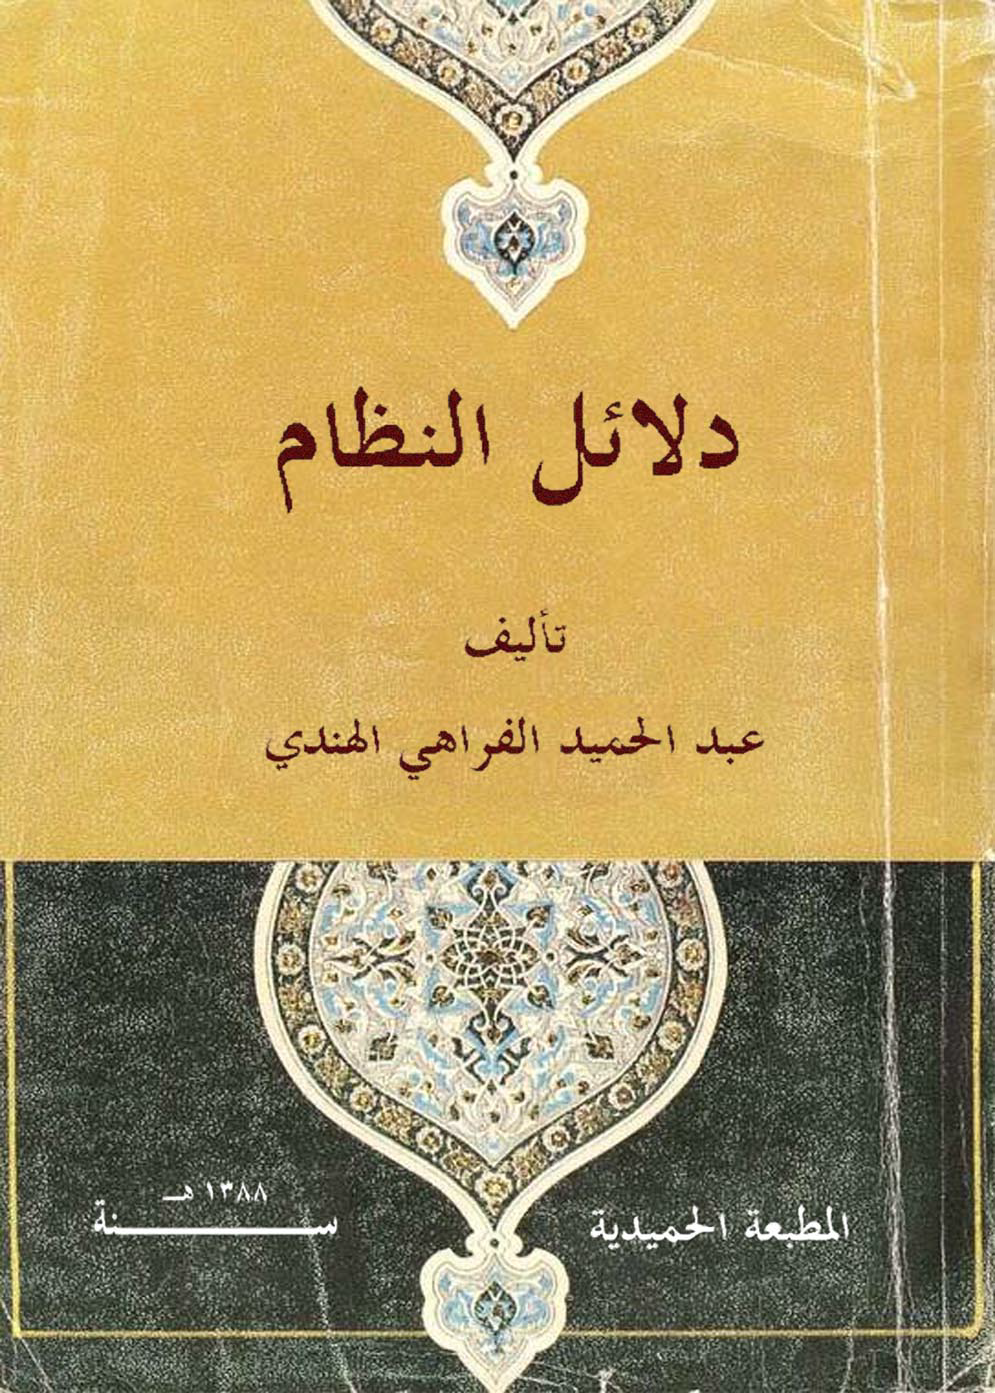 تحميل كتاب دلائل النظام لـِ: الشيخ عبد الحميد الفراهي الهندي (ت 1349)